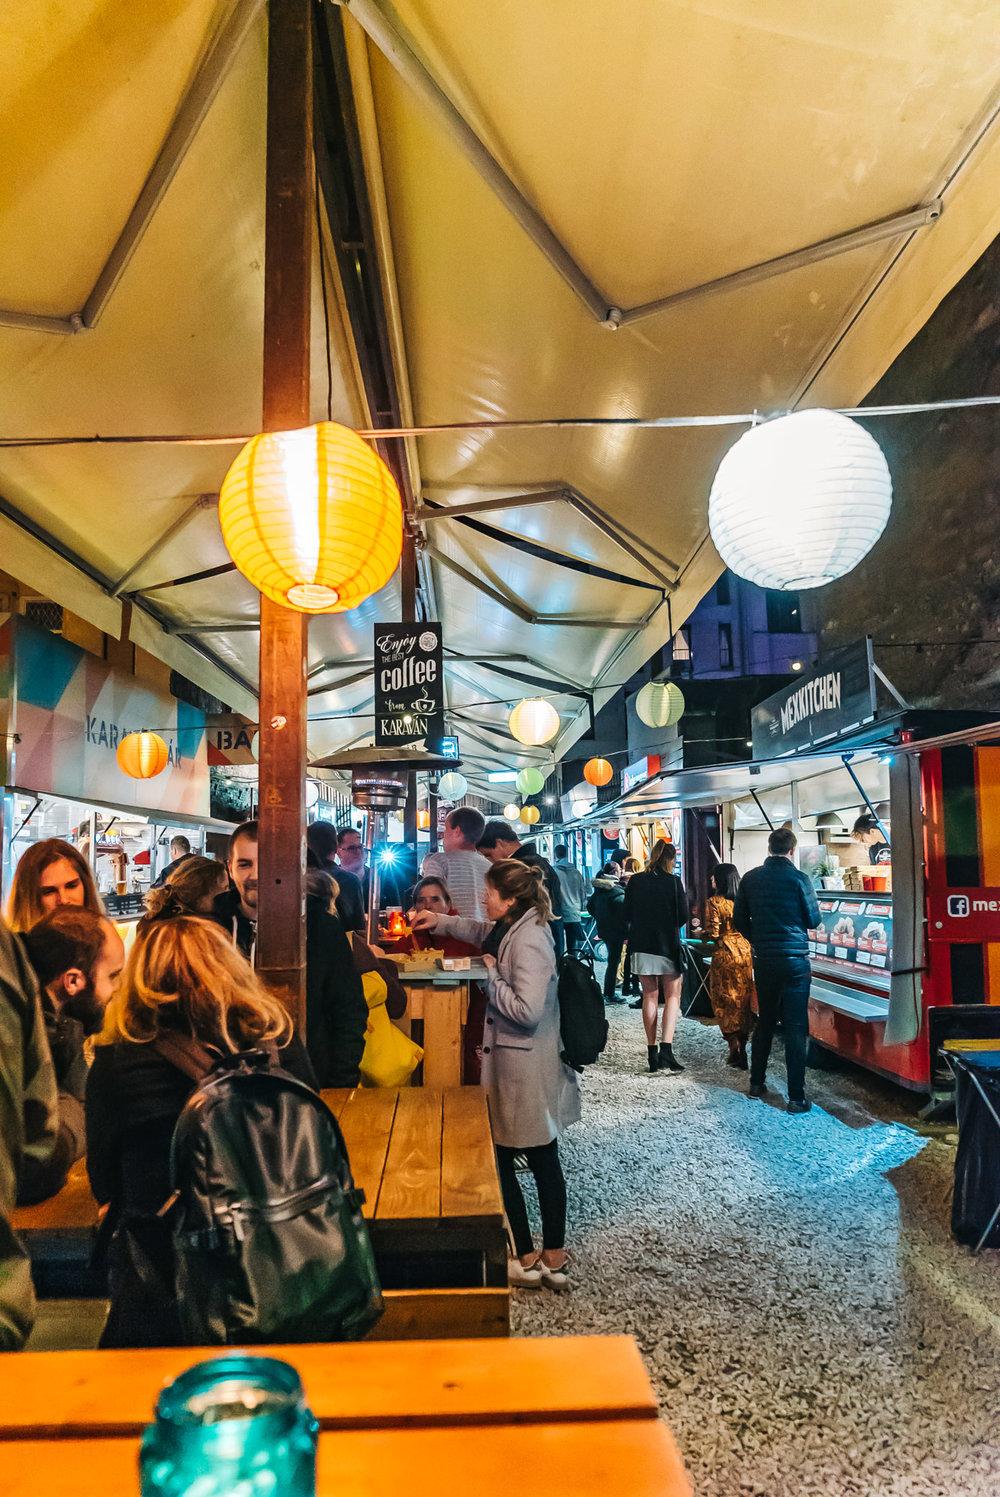 Karavan street food - Still lively at night